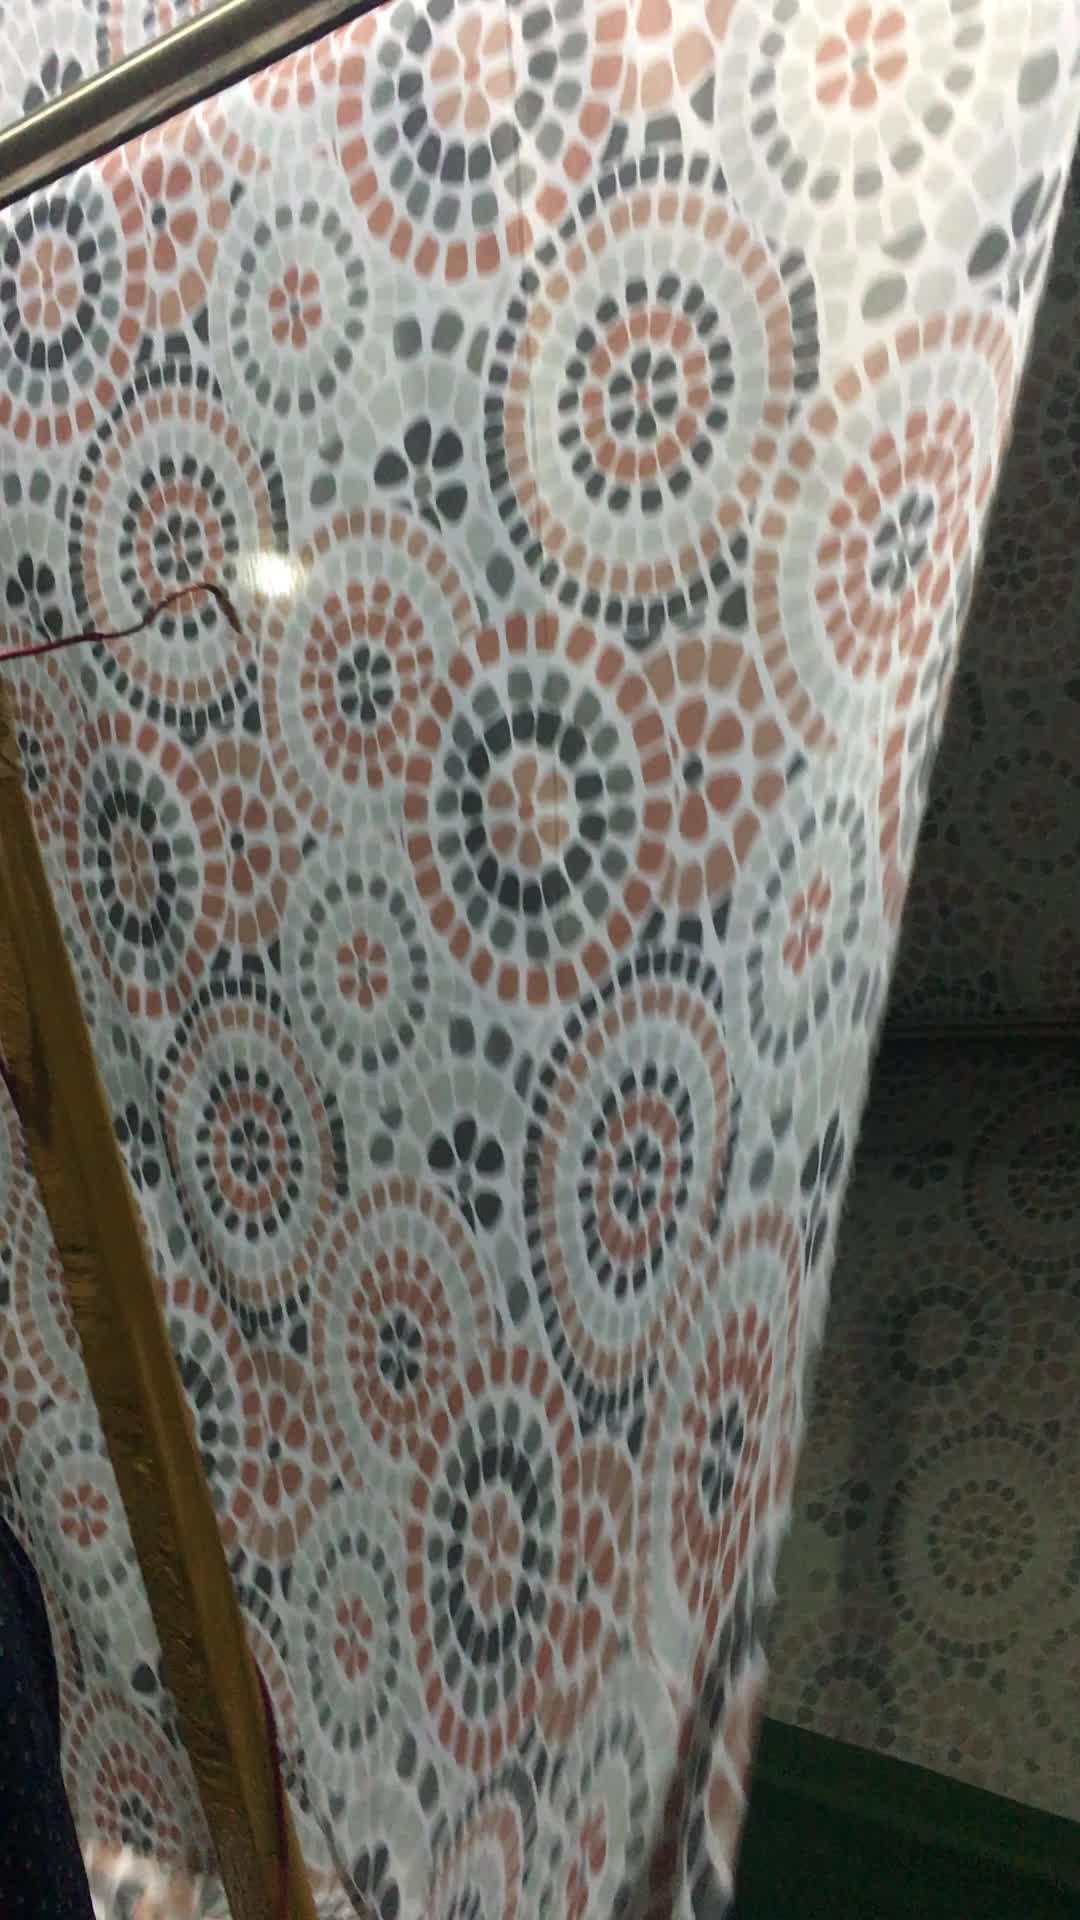 ราคาถูกพิมพ์โพลีเอสเตอร์100%ซุปเปอร์ที่มีสีสันผ้าทำในประเทศจีน